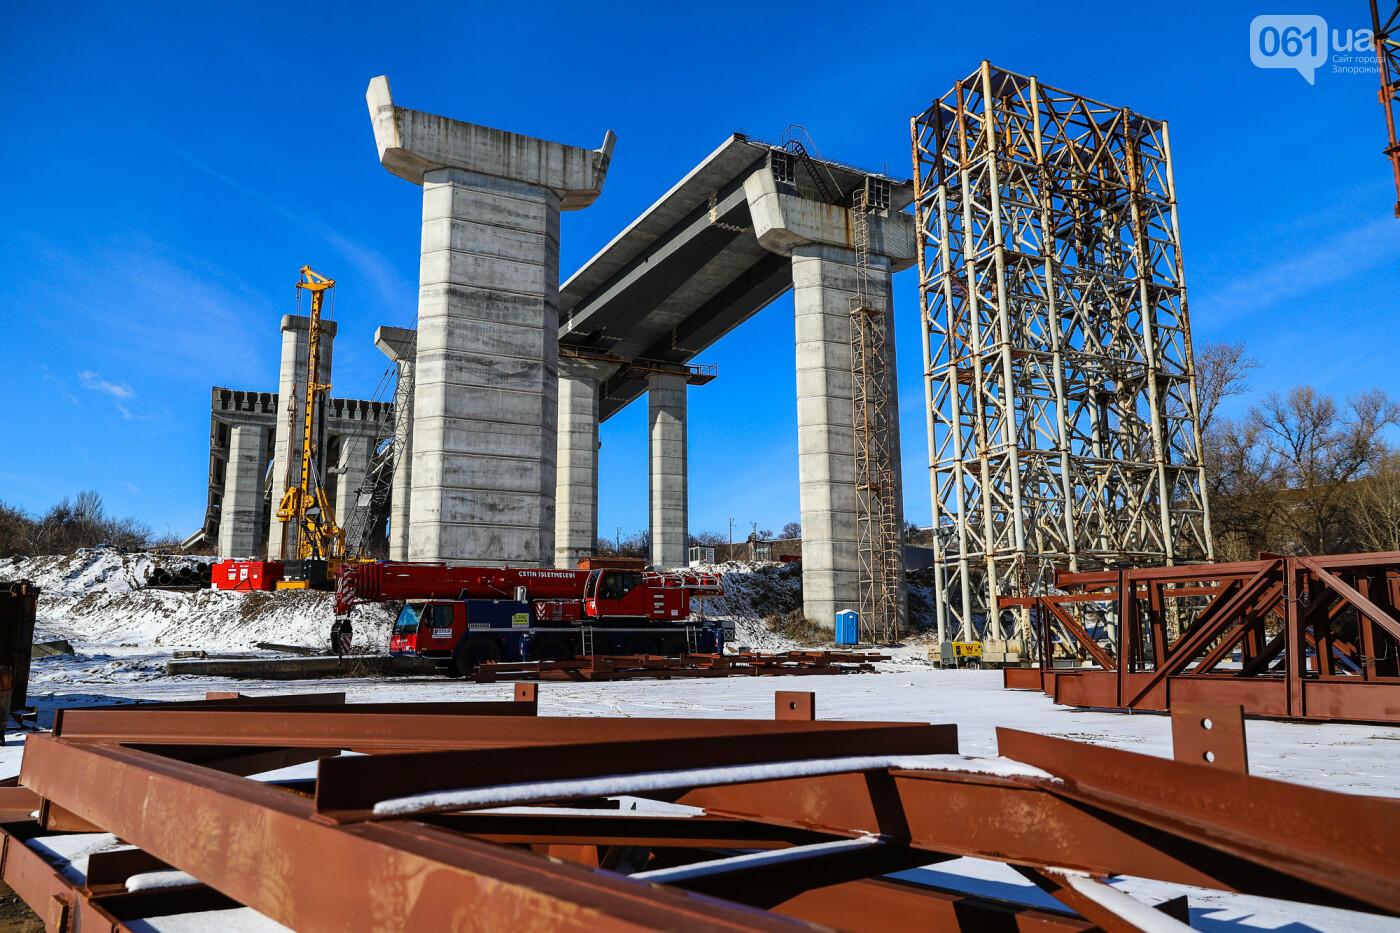 Кран с иностранной пропиской, ванты и металл: строительство запорожских мостов в фотографиях, фото-47